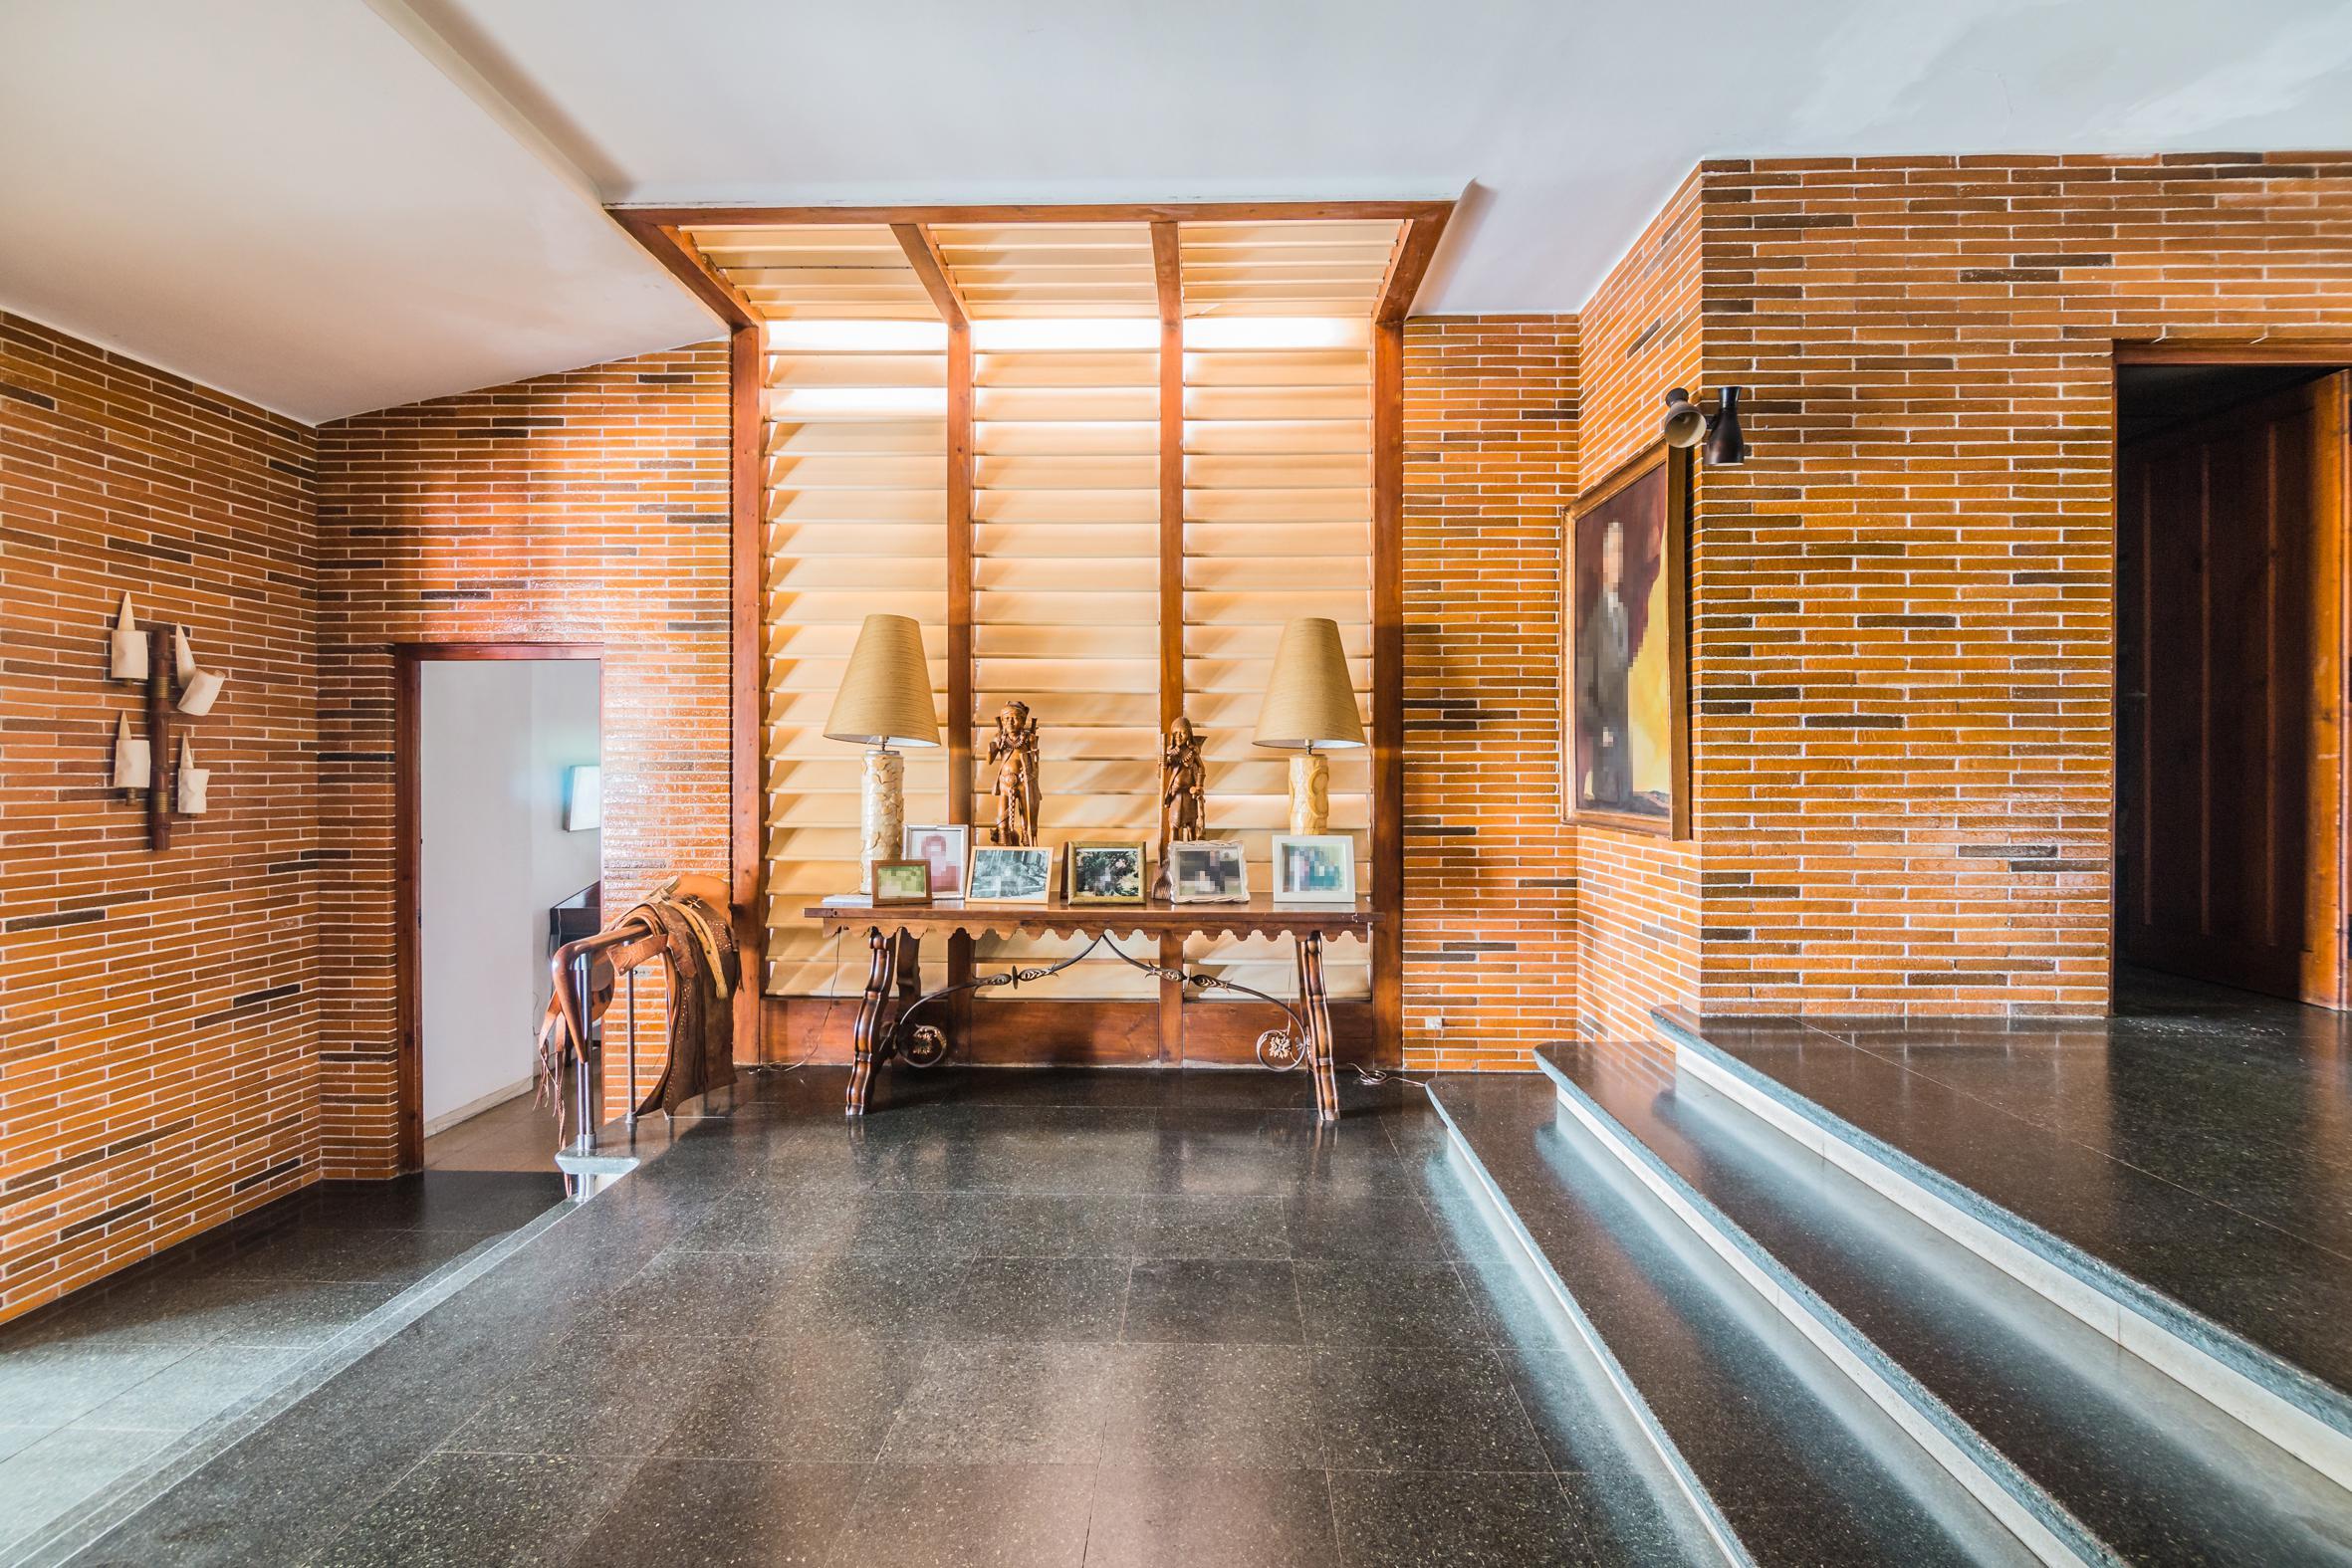 213533 Casa en venta en Sant Andreu de Llavaneres 6